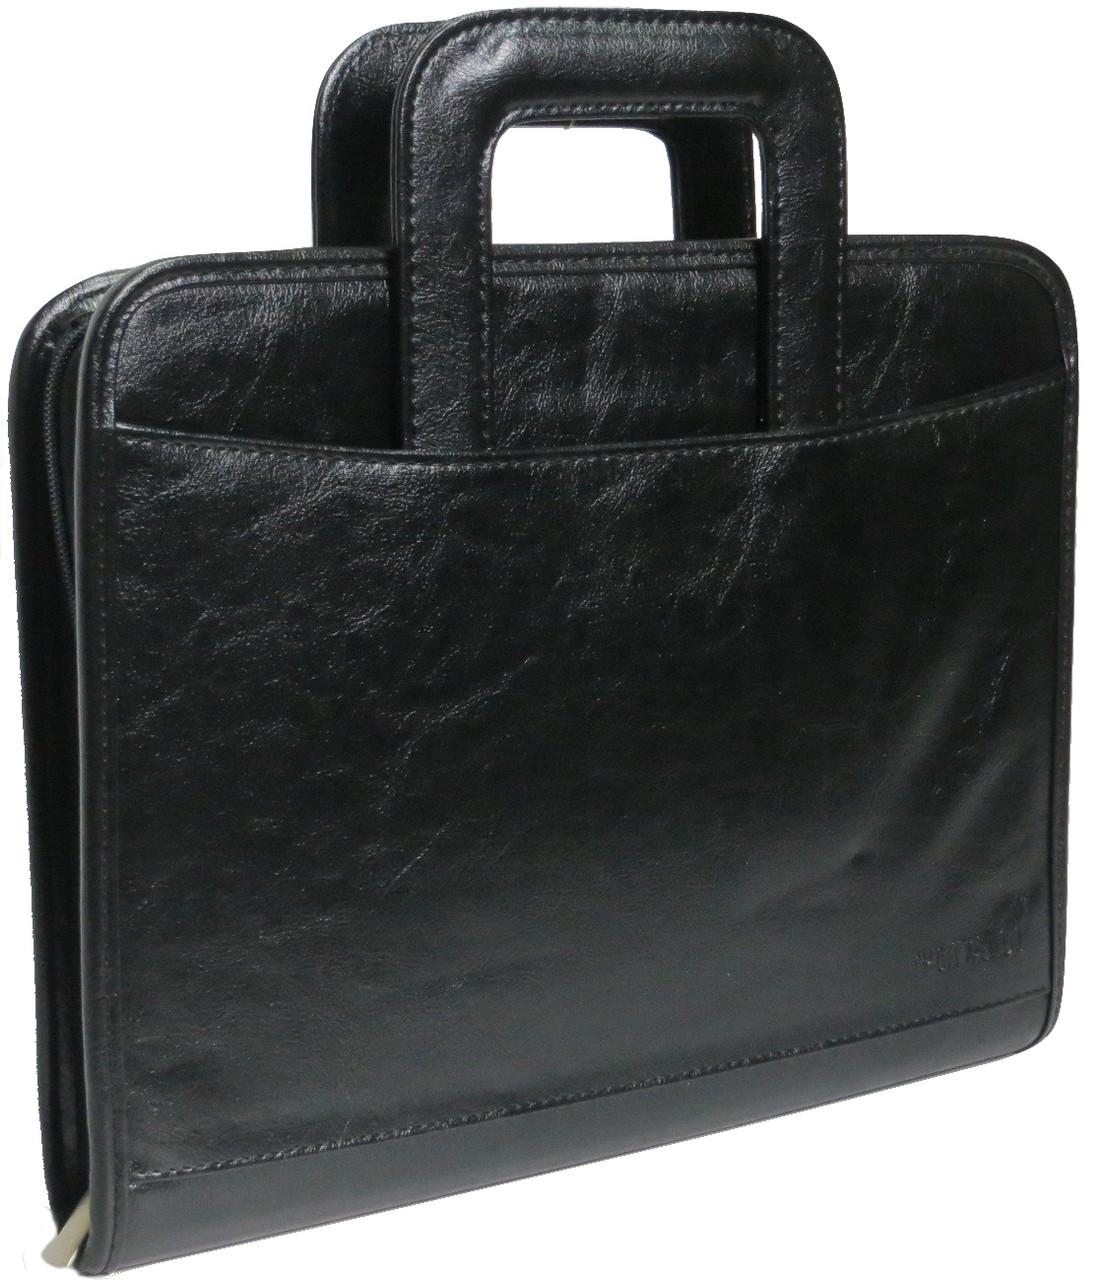 Папка-портфель классическая деловая из кожзаменителя 4U Cavaldi Артикул: PKS8032 черная